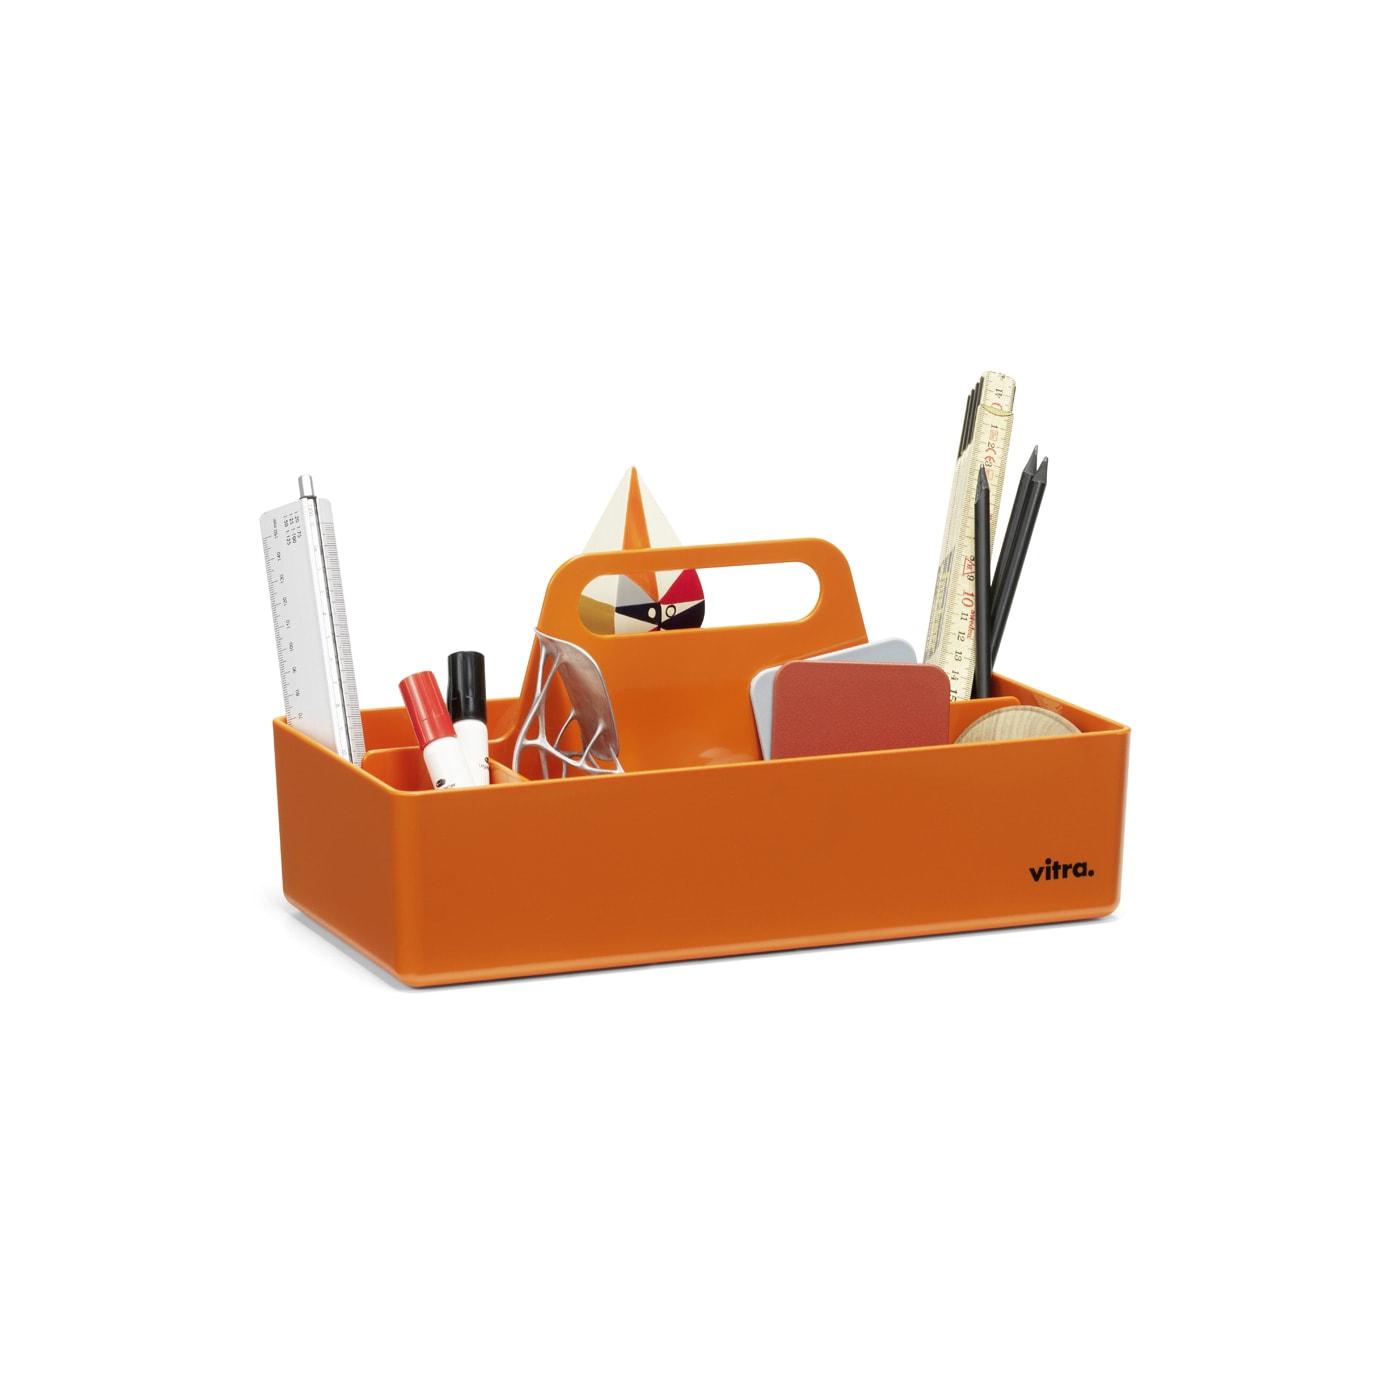 VITRA Toolbox portaoggetti accessori scrivania